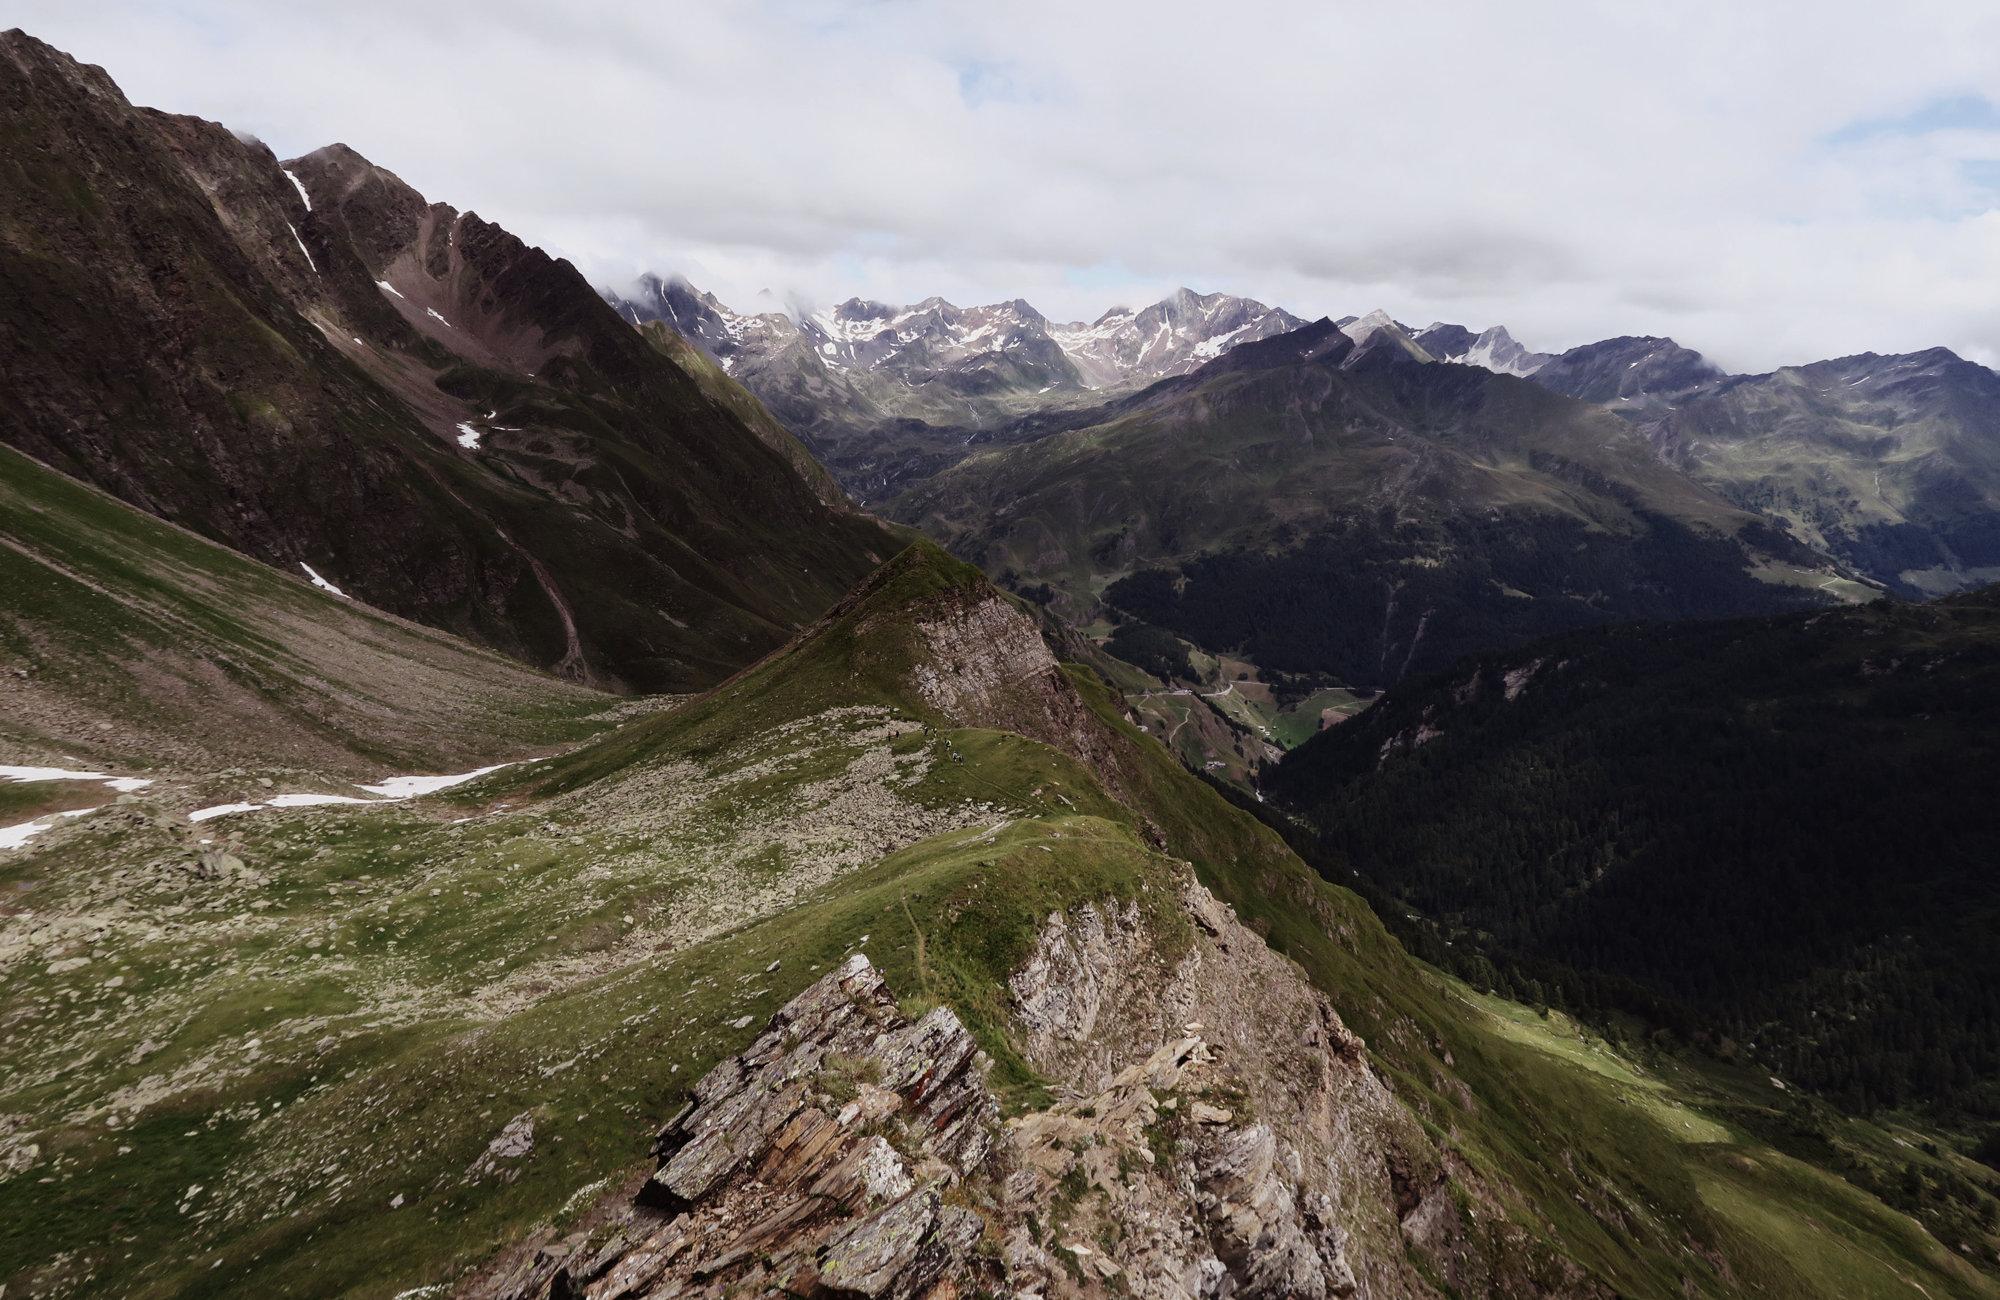 Wanderweg Oberglanegg Alm, Wanderung Königsjoch, Obergurgl nach Südtirol, Bergwandern Ötztal, Wandertour Ötztal, Stubaier Alpen, Tirol